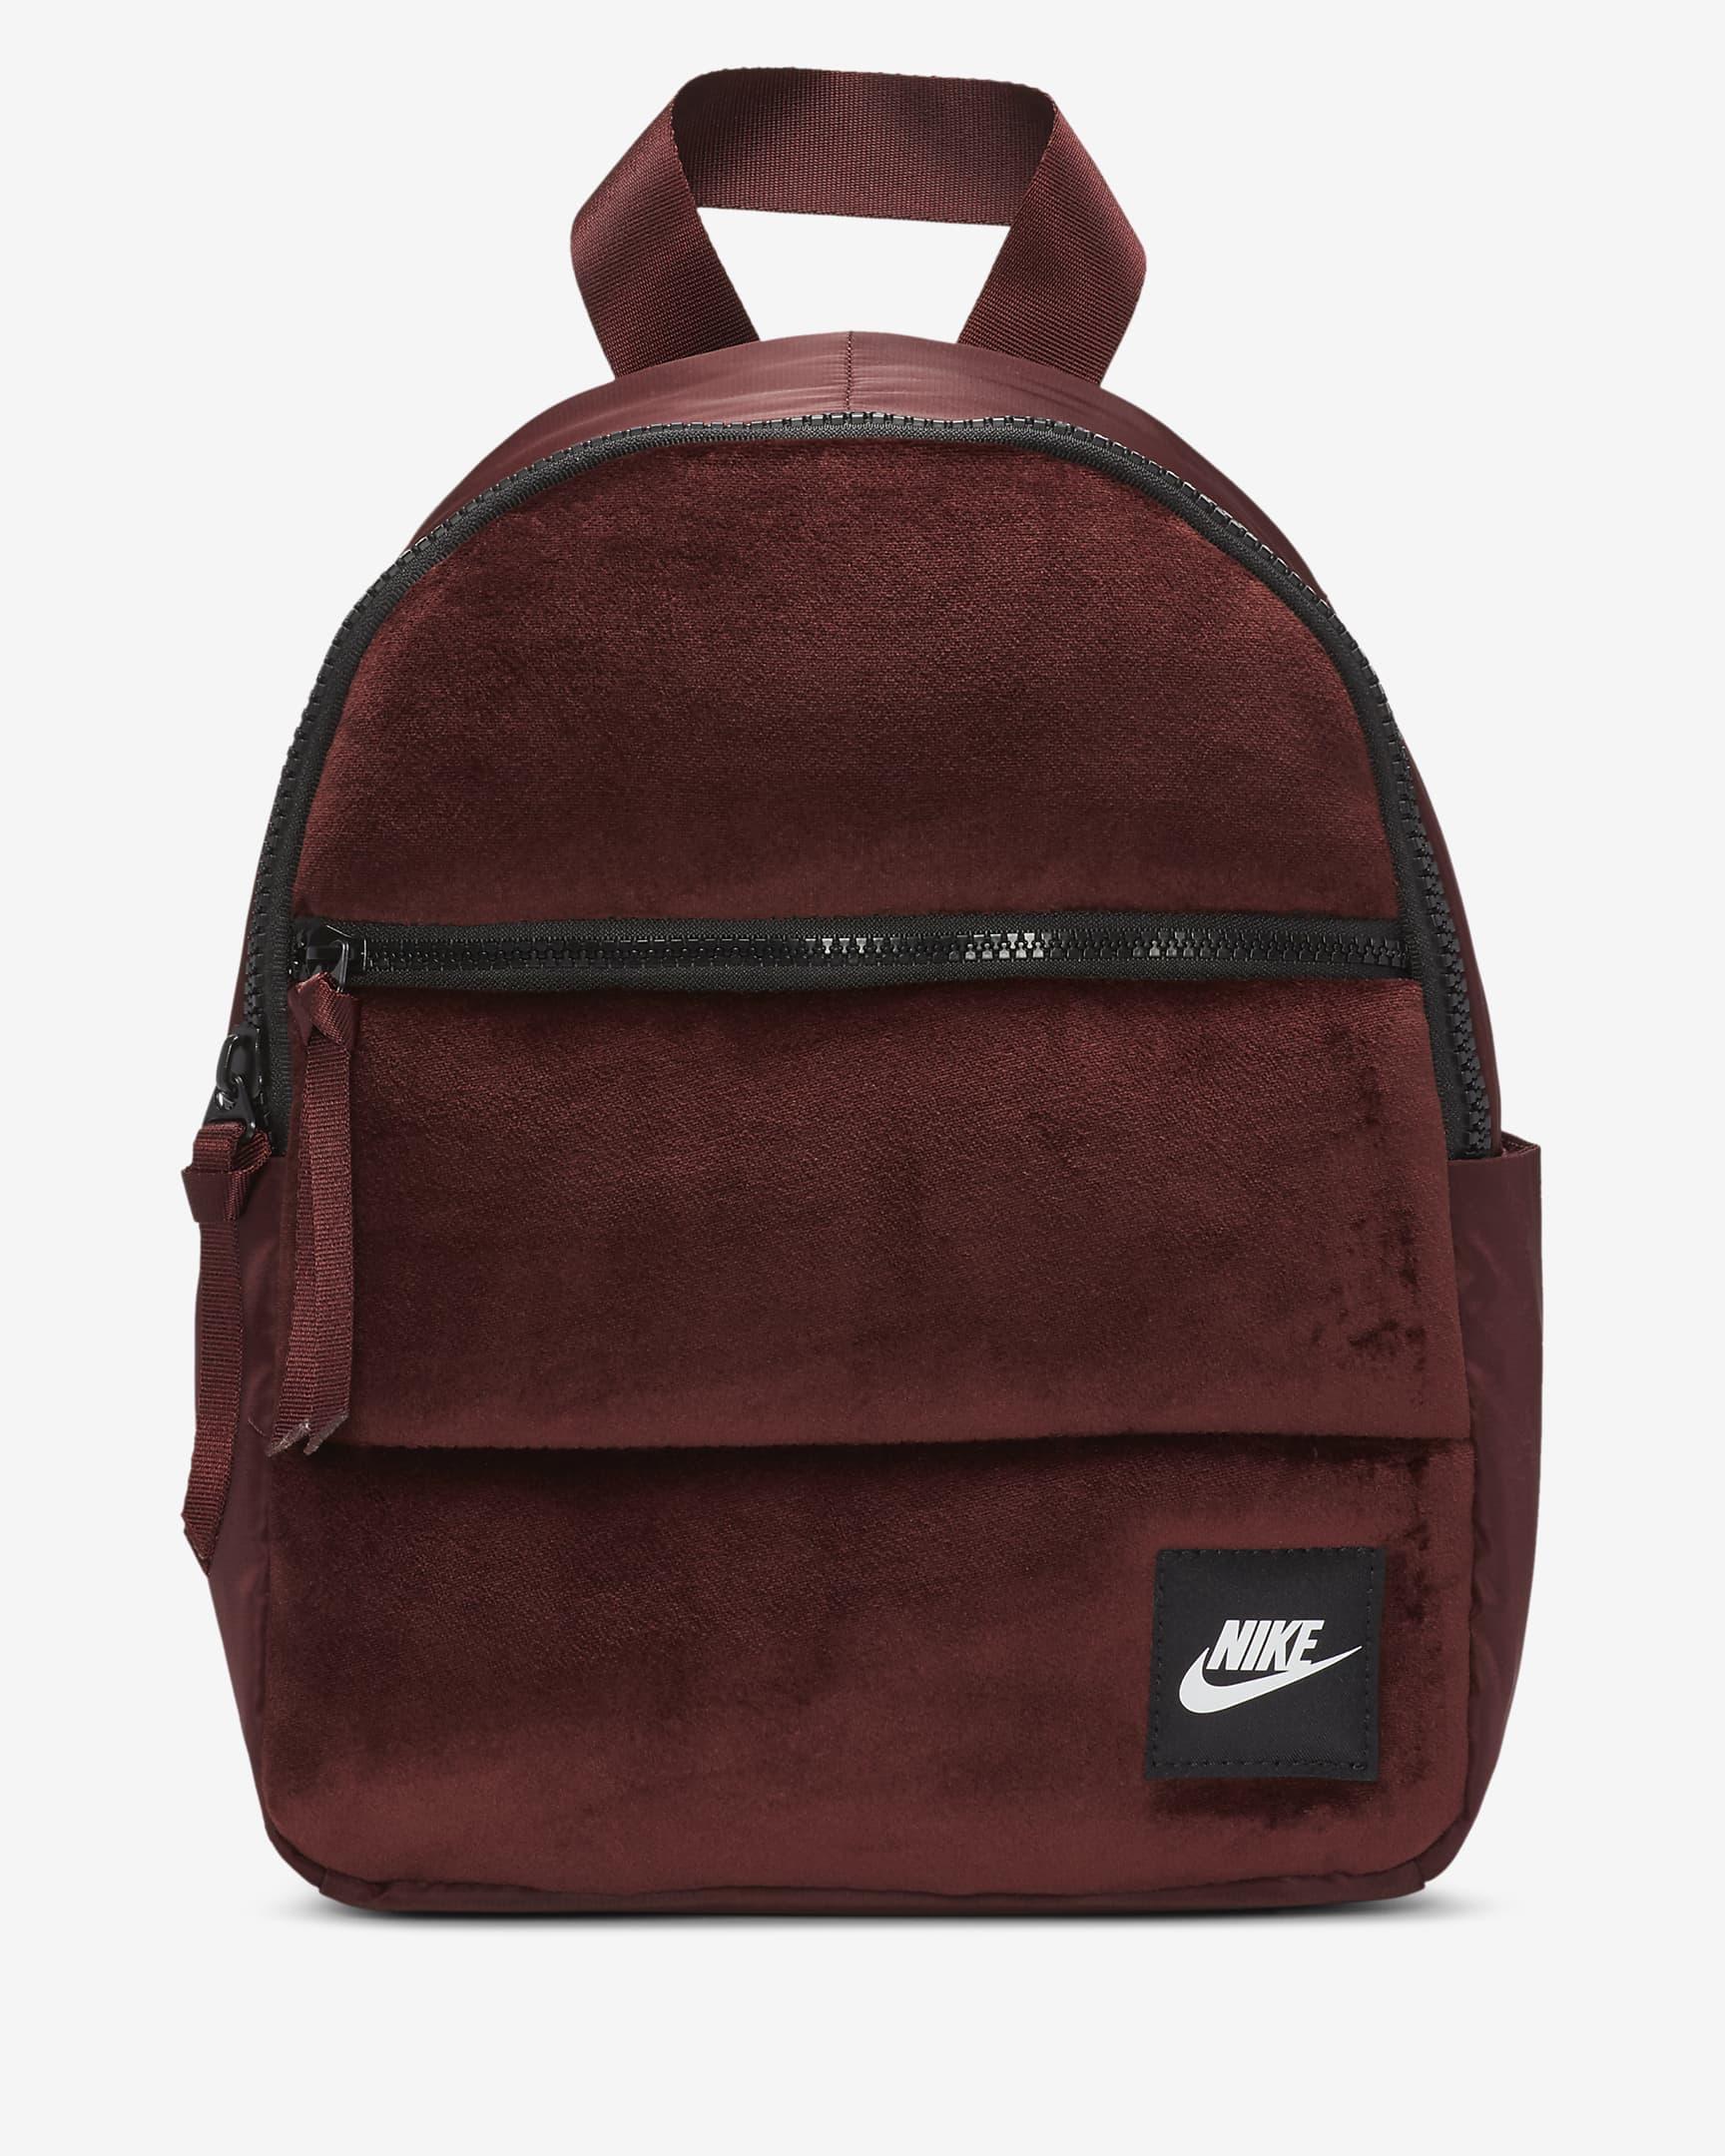 Mini mochila burdeos con textura suave